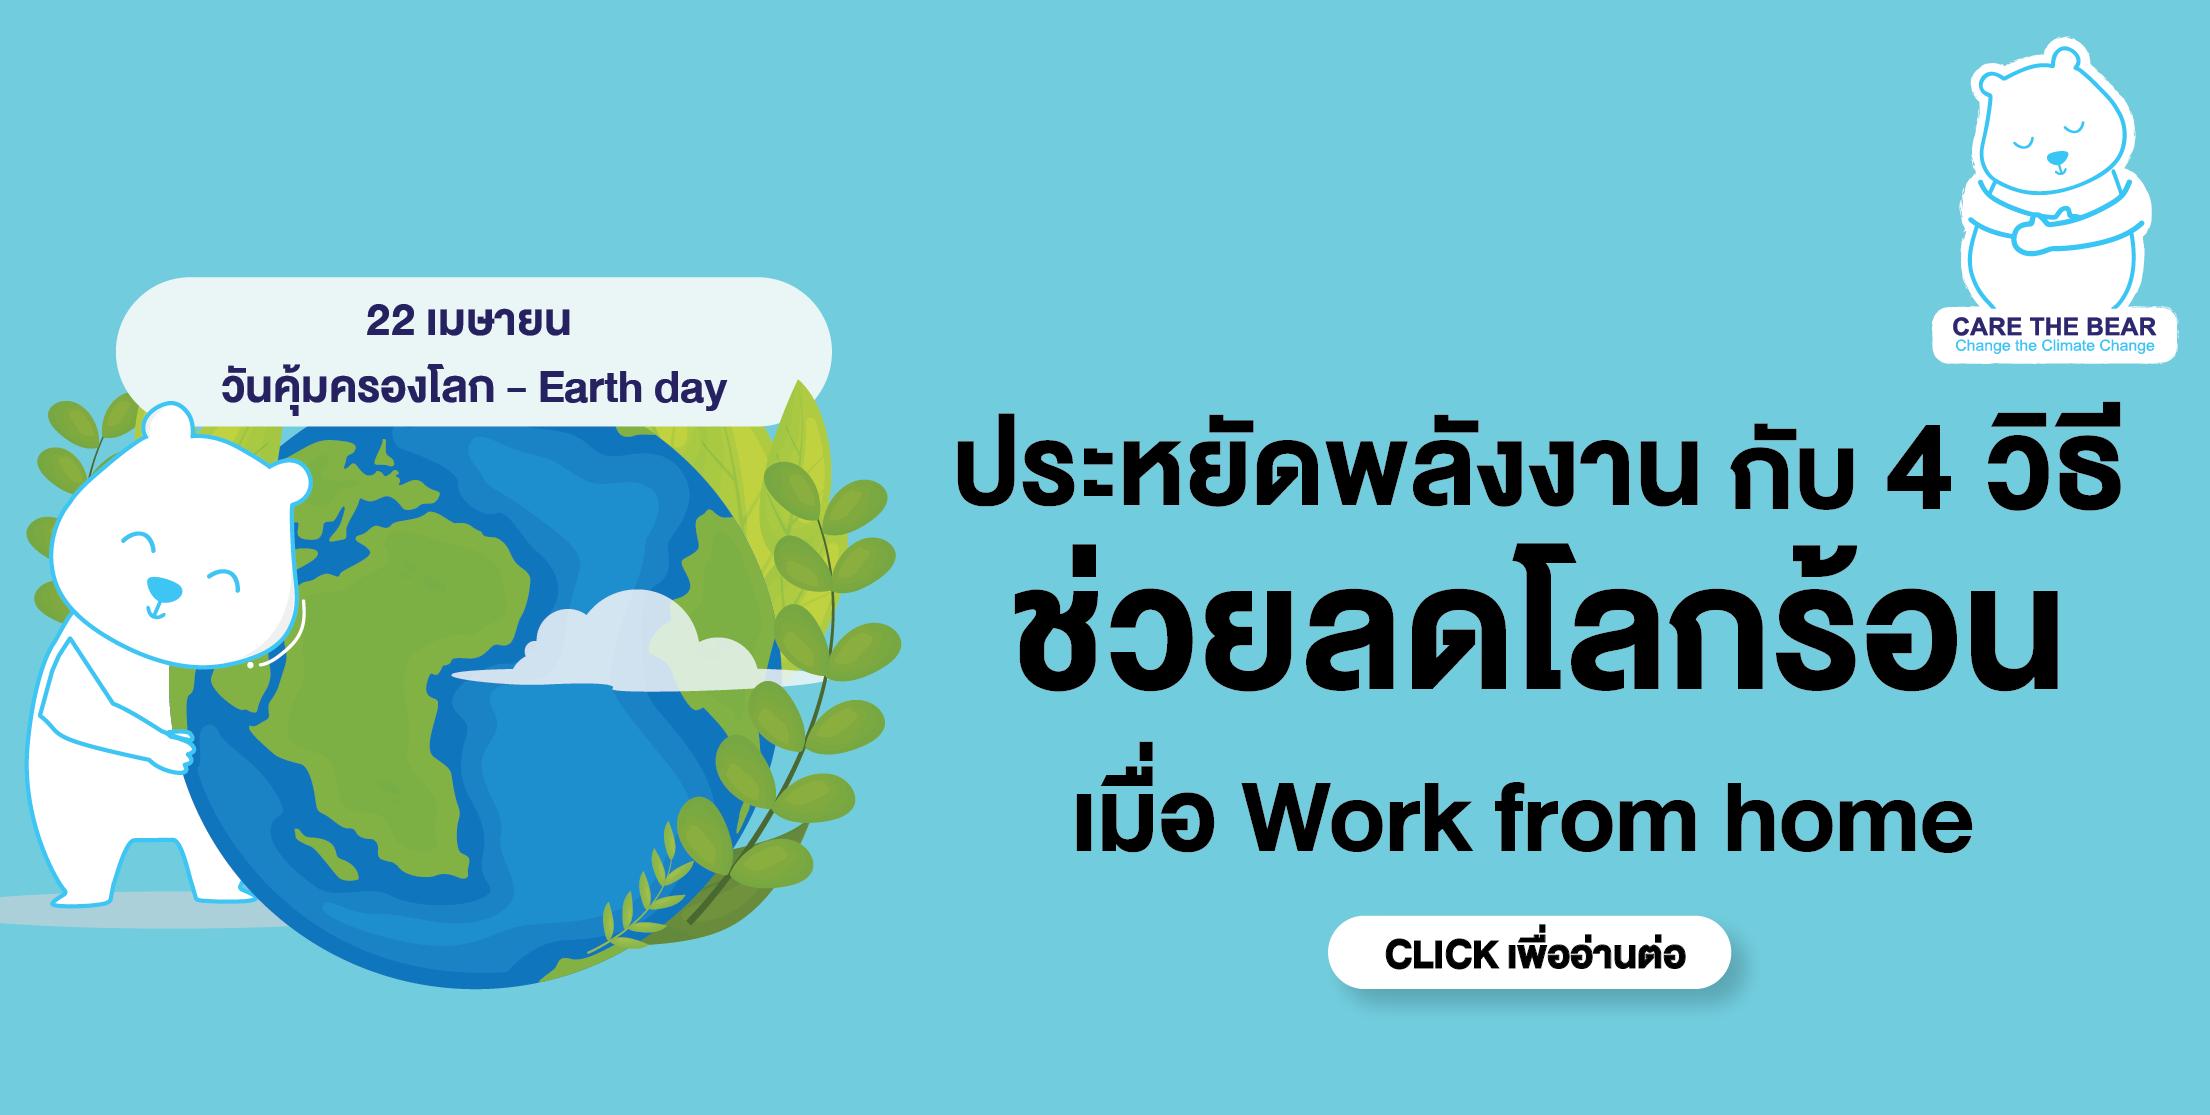 วันคุ้มครองโลก หรือ Earth Day